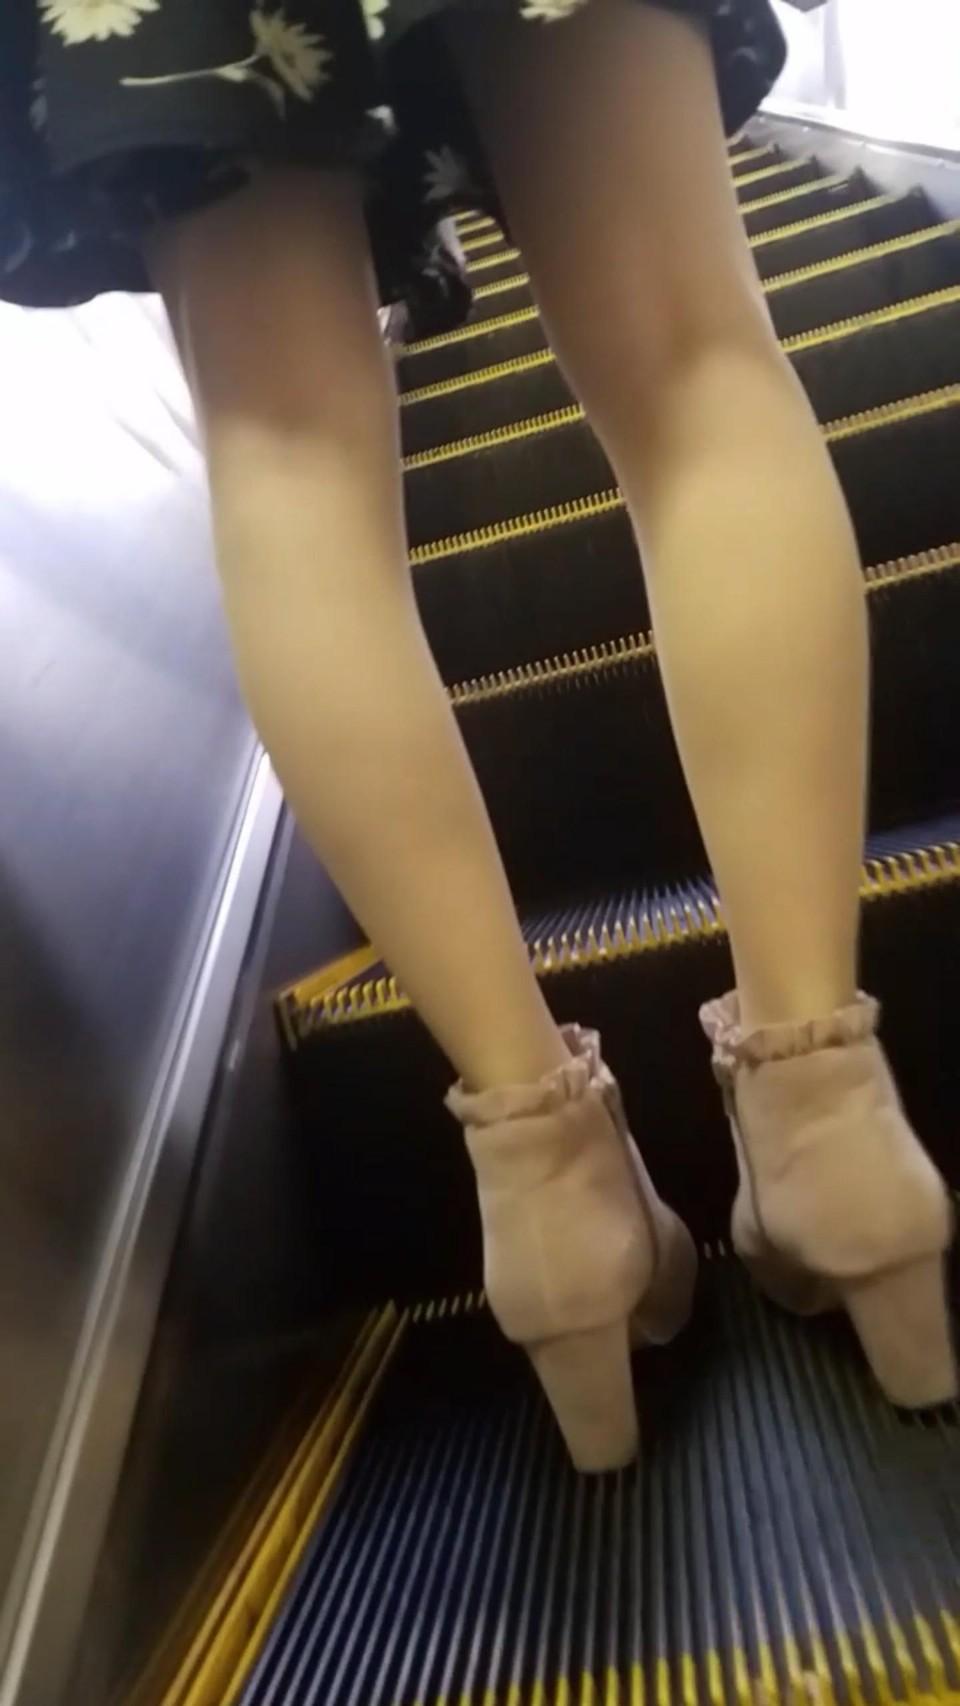 急に飛び込んでくる街中で見る美脚女子のエロ画像33枚・22枚目の画像